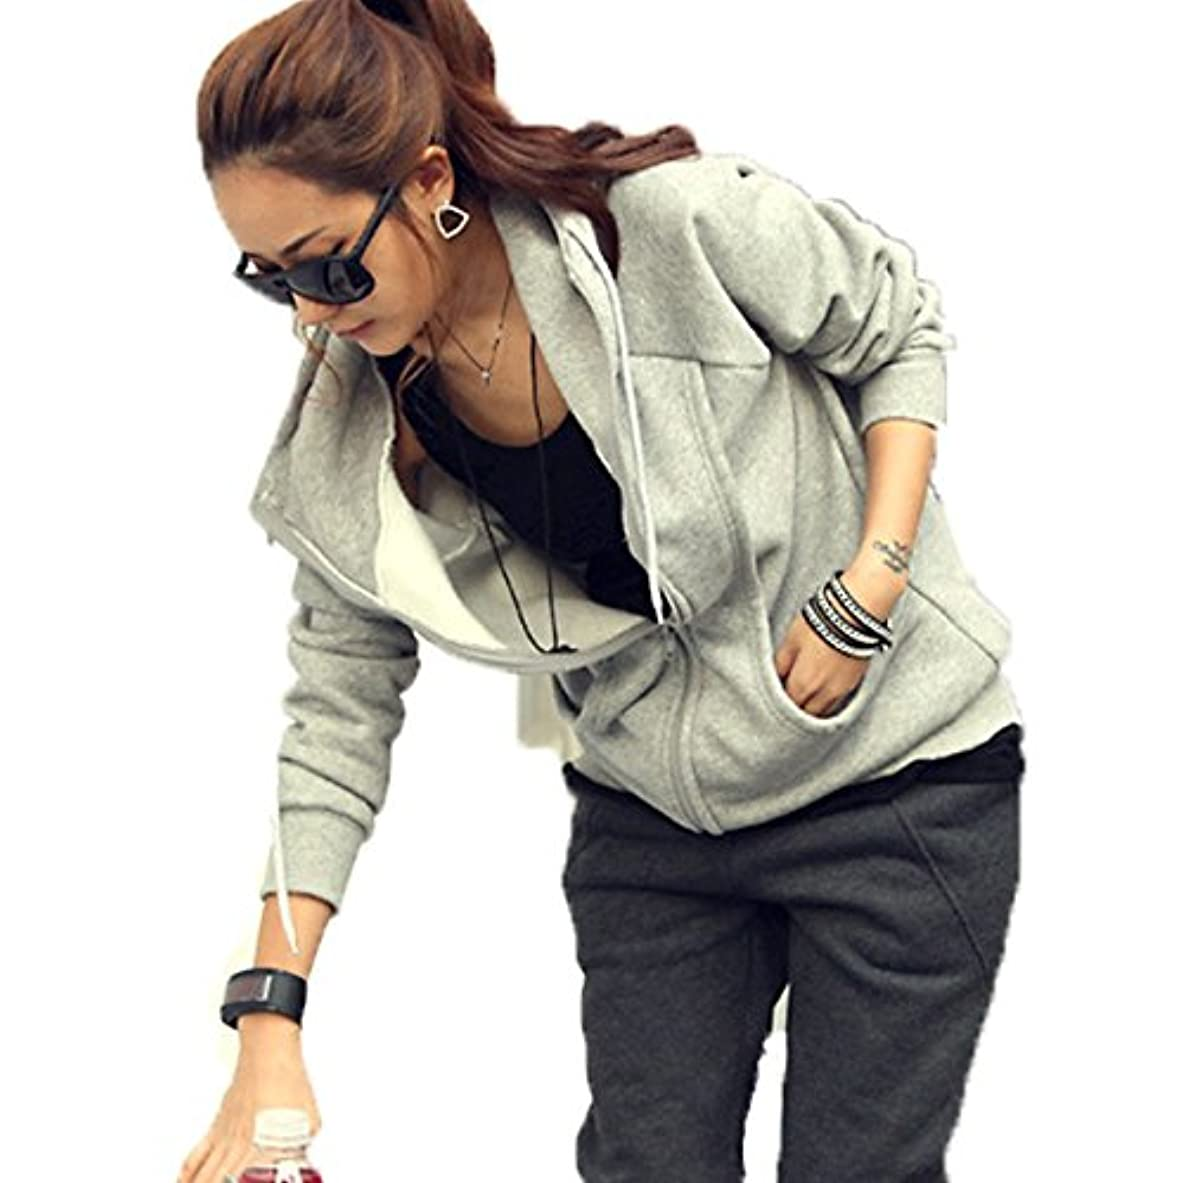 将来の取り替える上がる[ココチエ] レディース パーカー シンプル ジップアップ 綿 フード かっこいい 長袖 おしゃれ カジュアル M L XL グレー ブラック